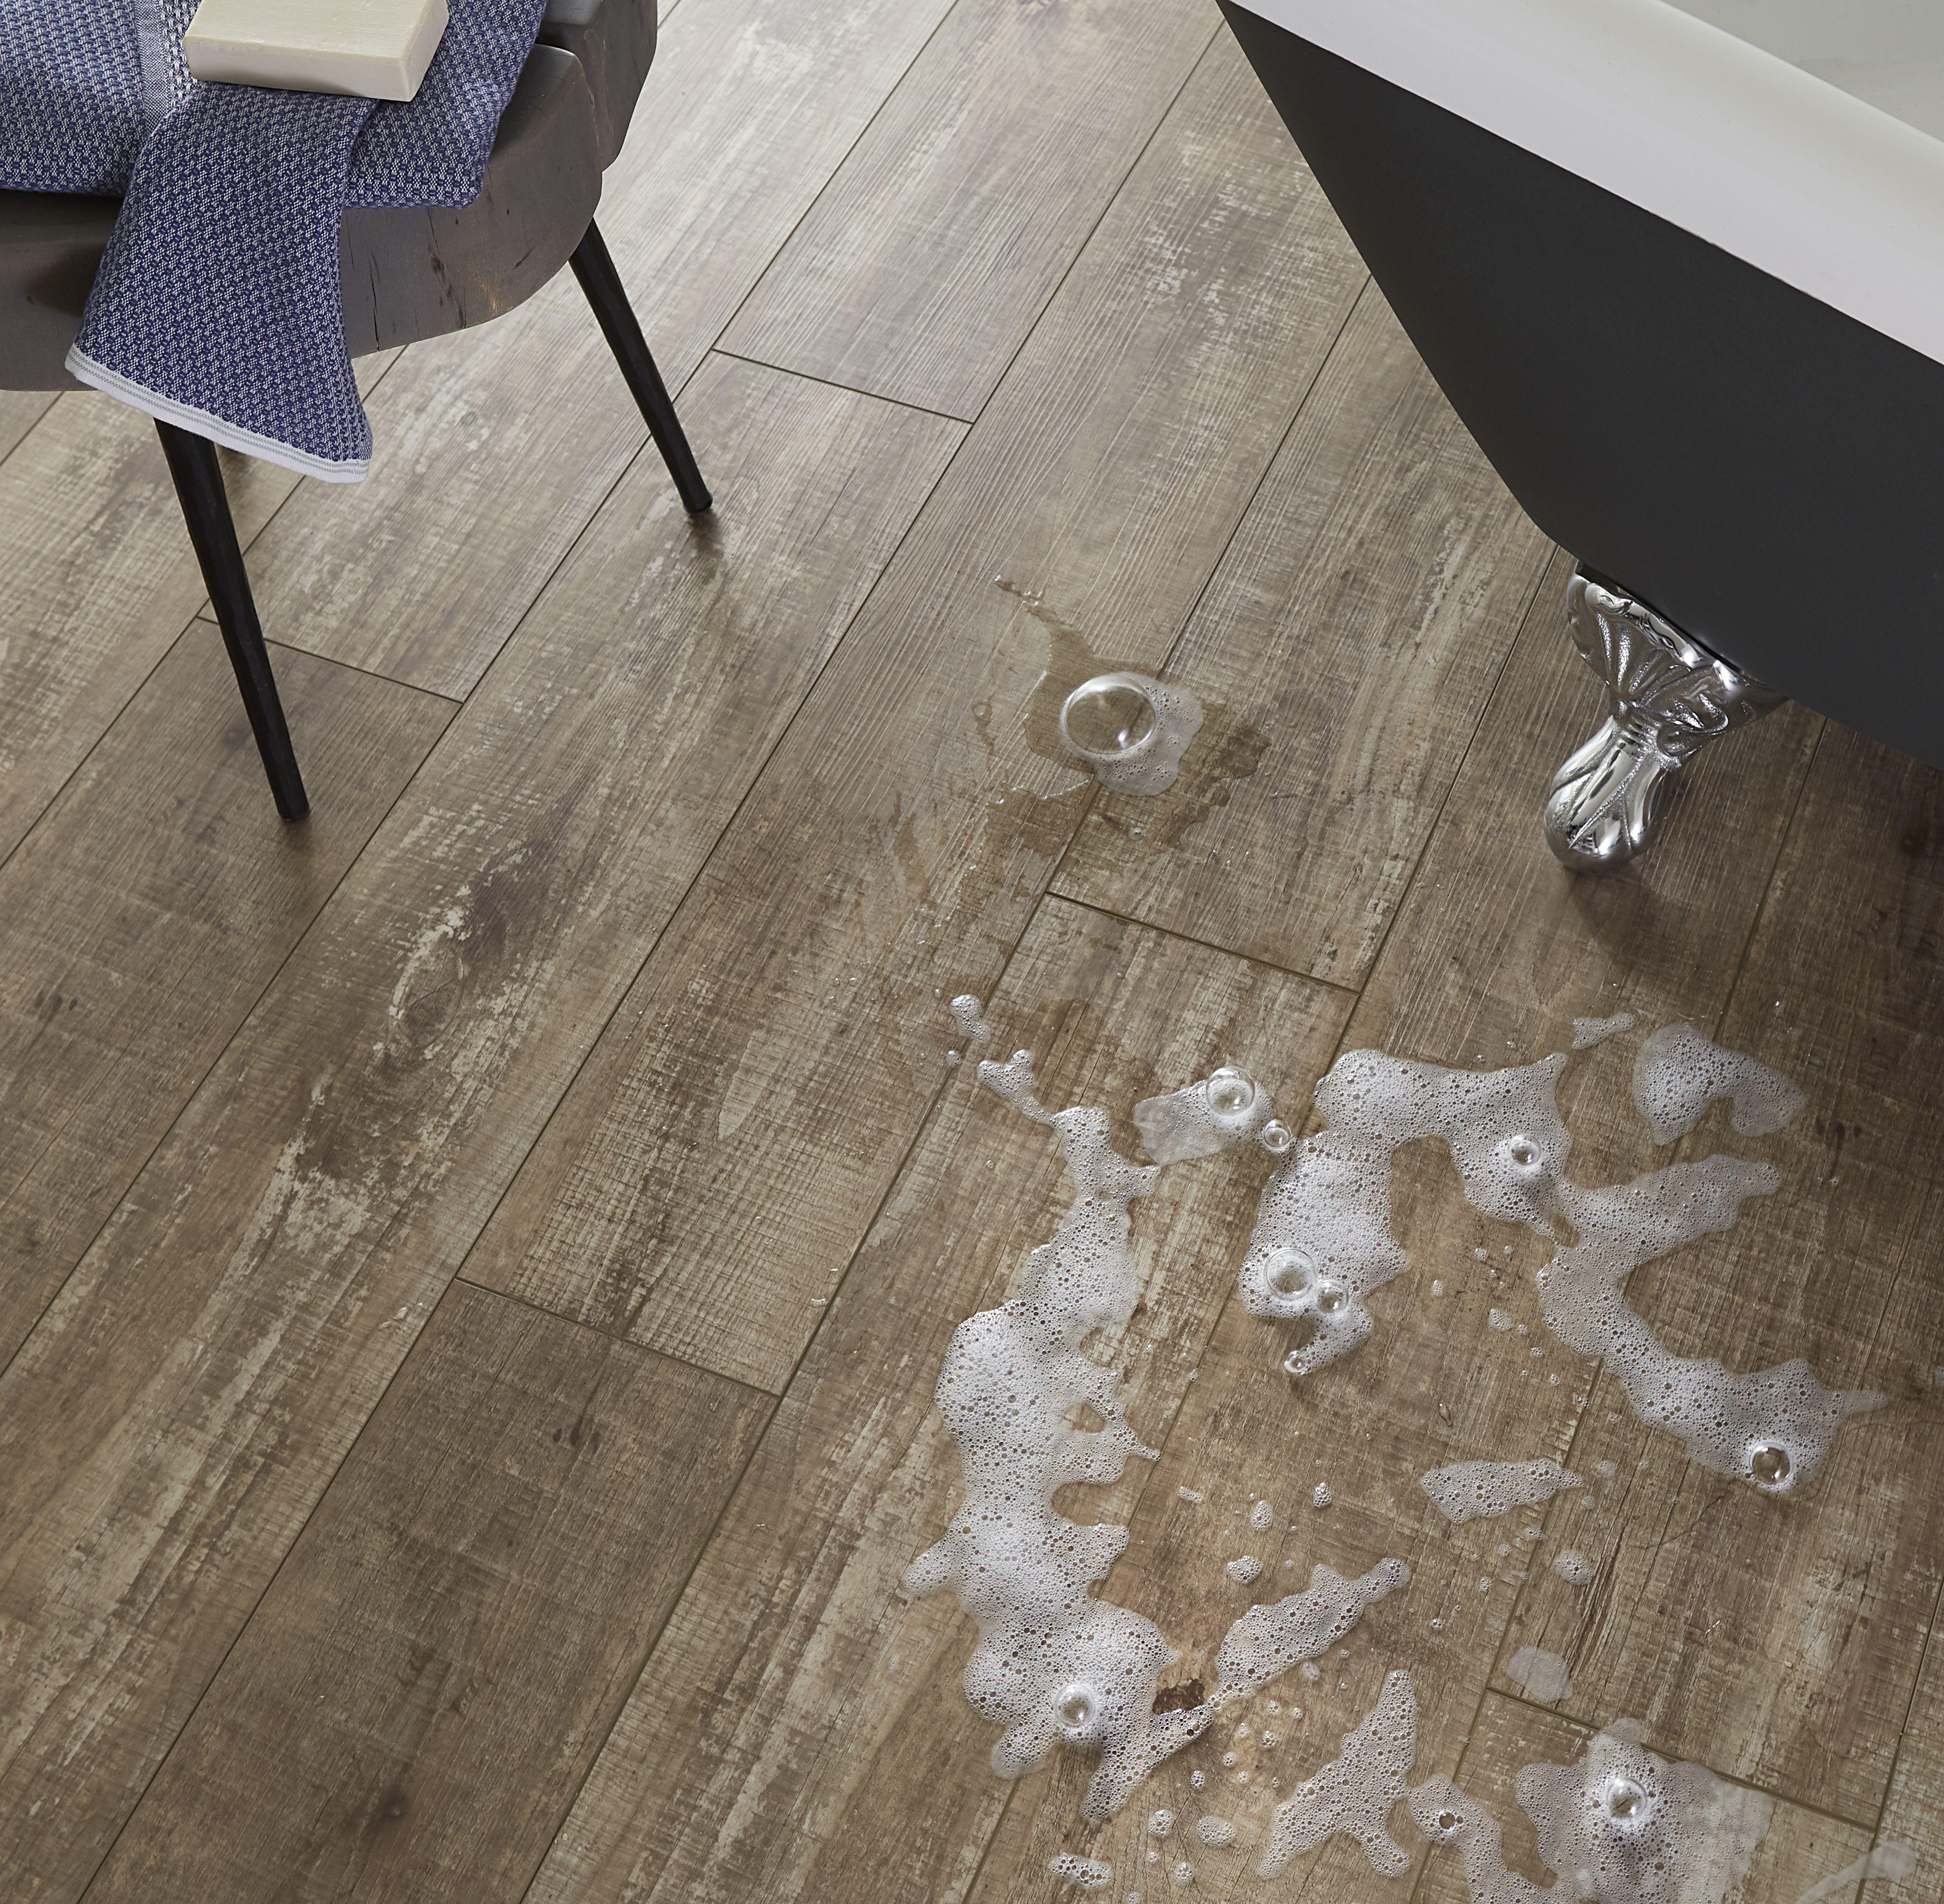 Waterproof Flooring, Palmetto Road Laminate Flooring Reviews